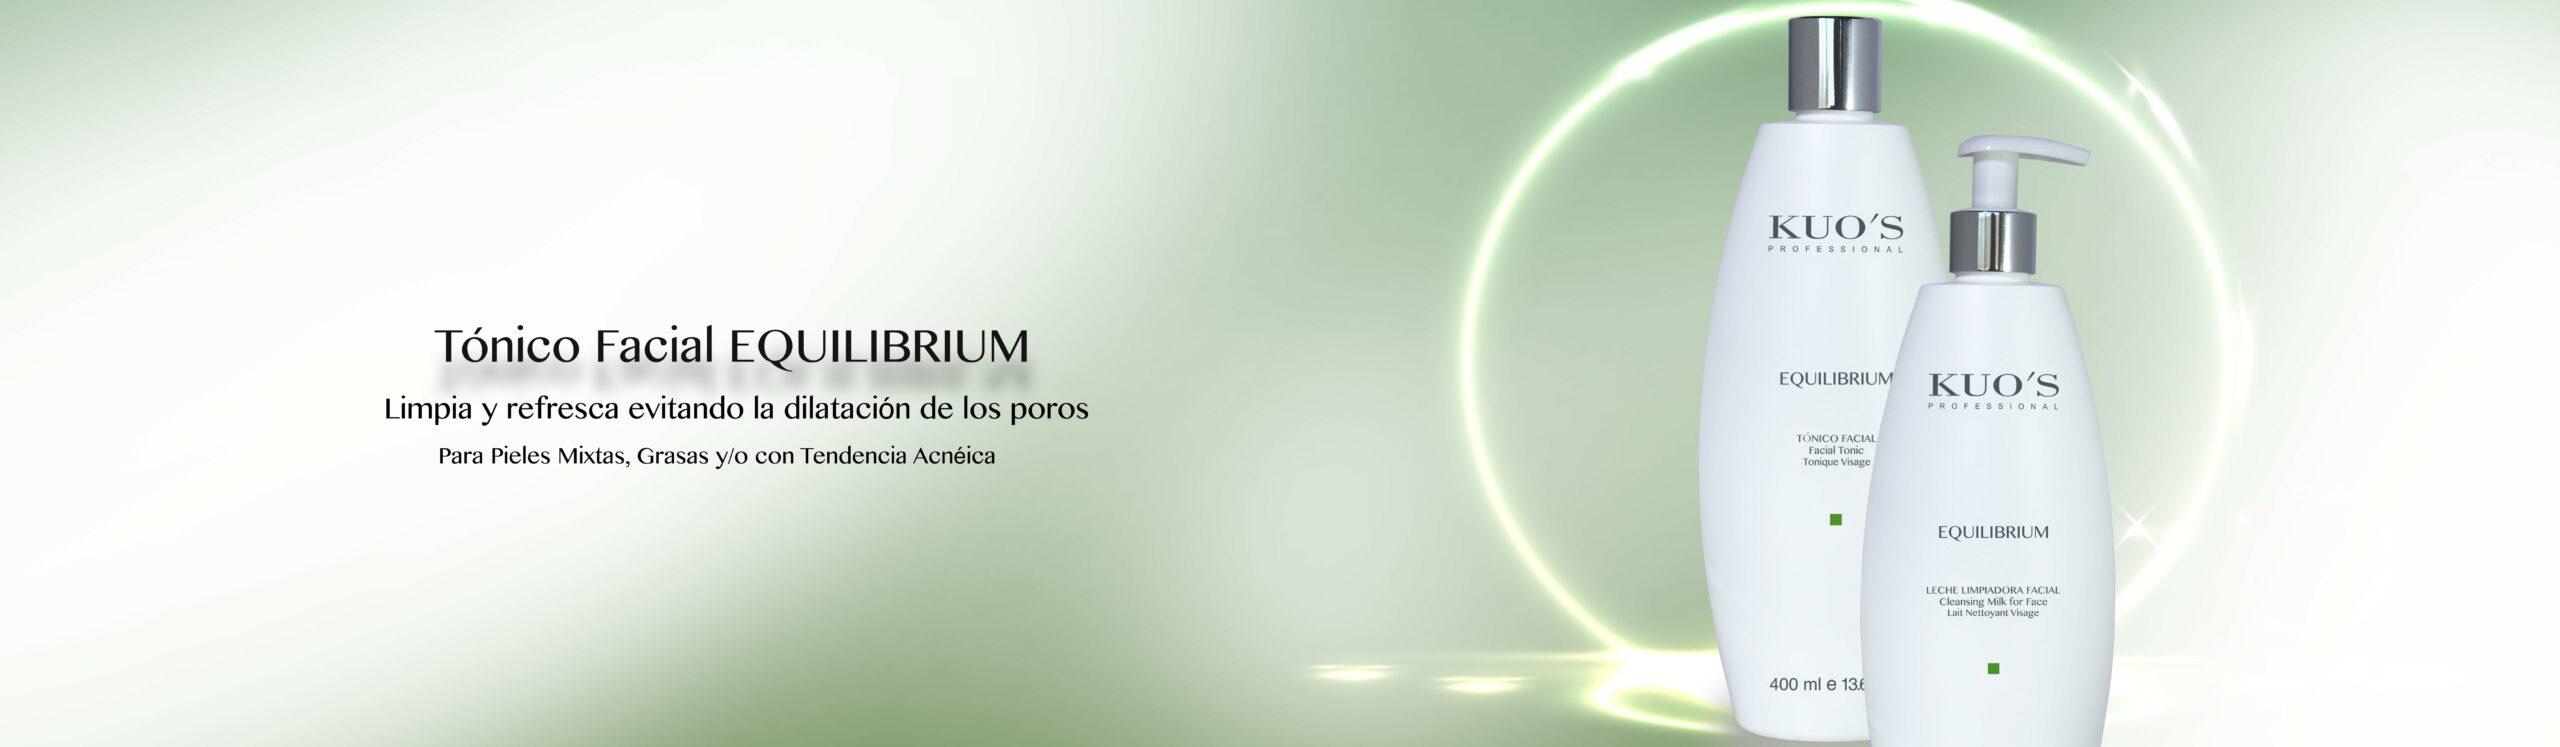 equilibrium-11-1-1-scaled_97e3a146bd8e9f3fbc41acd81eb5c612